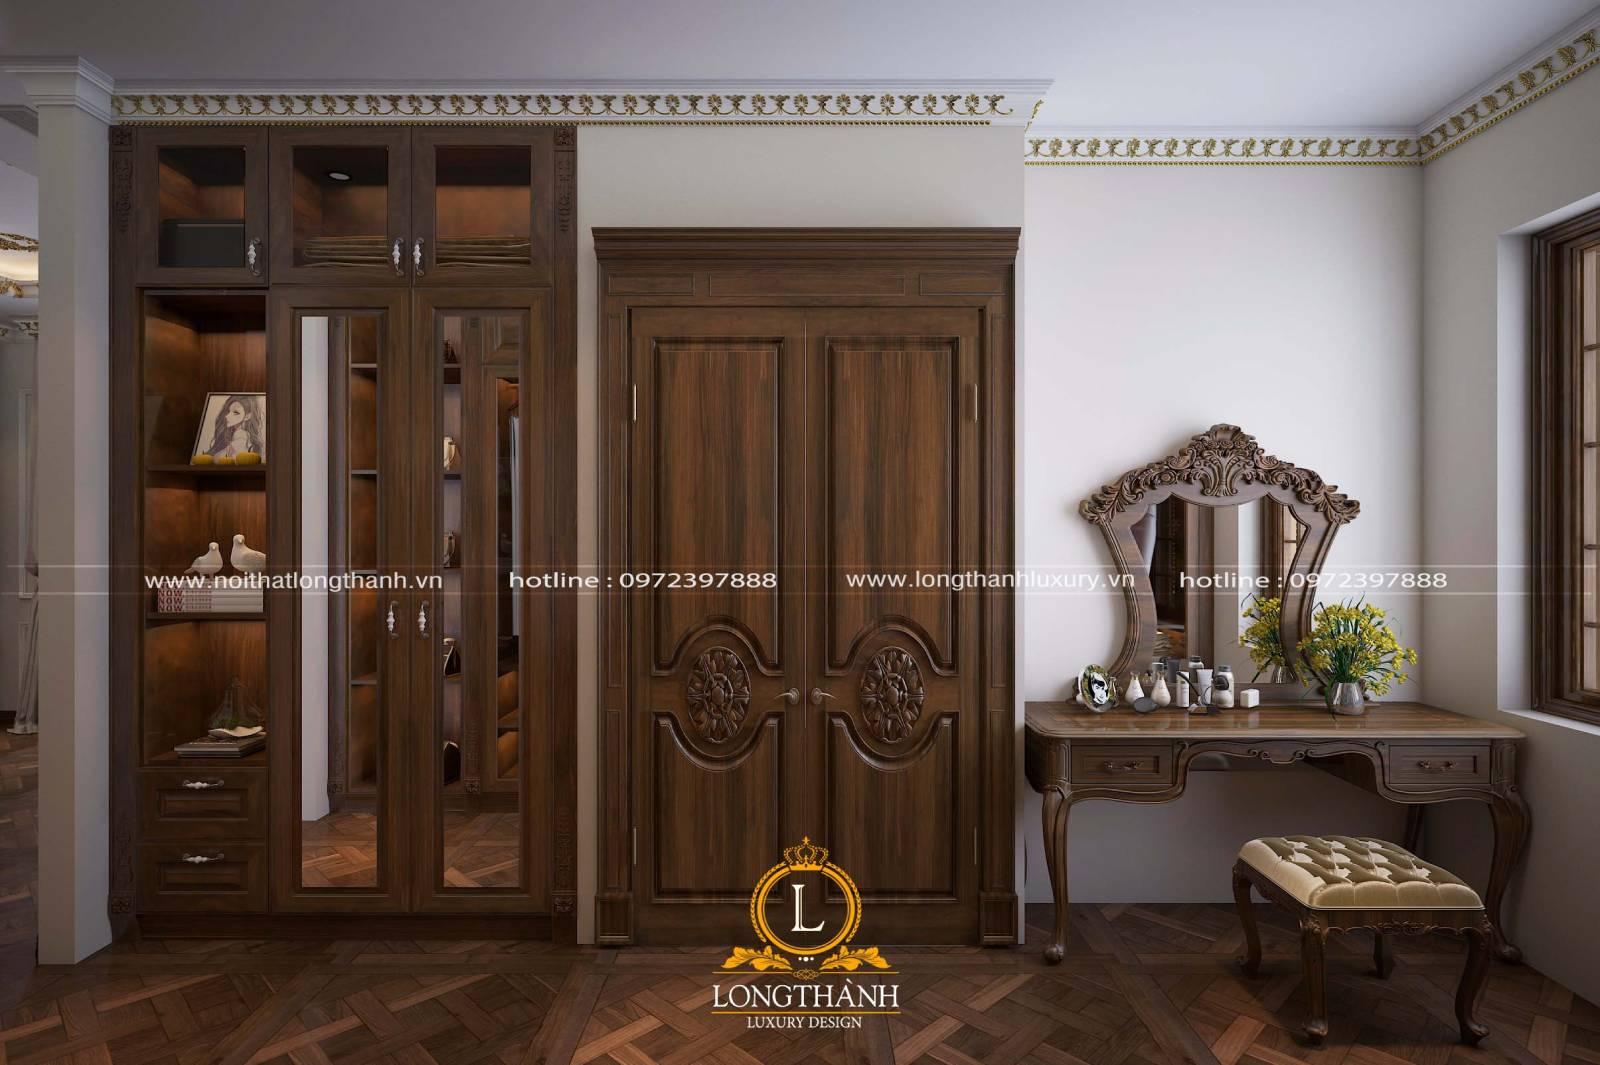 Tổng hợp 9+ mẫu cửa thông phòng gỗ tự nhiên đẹp nhất